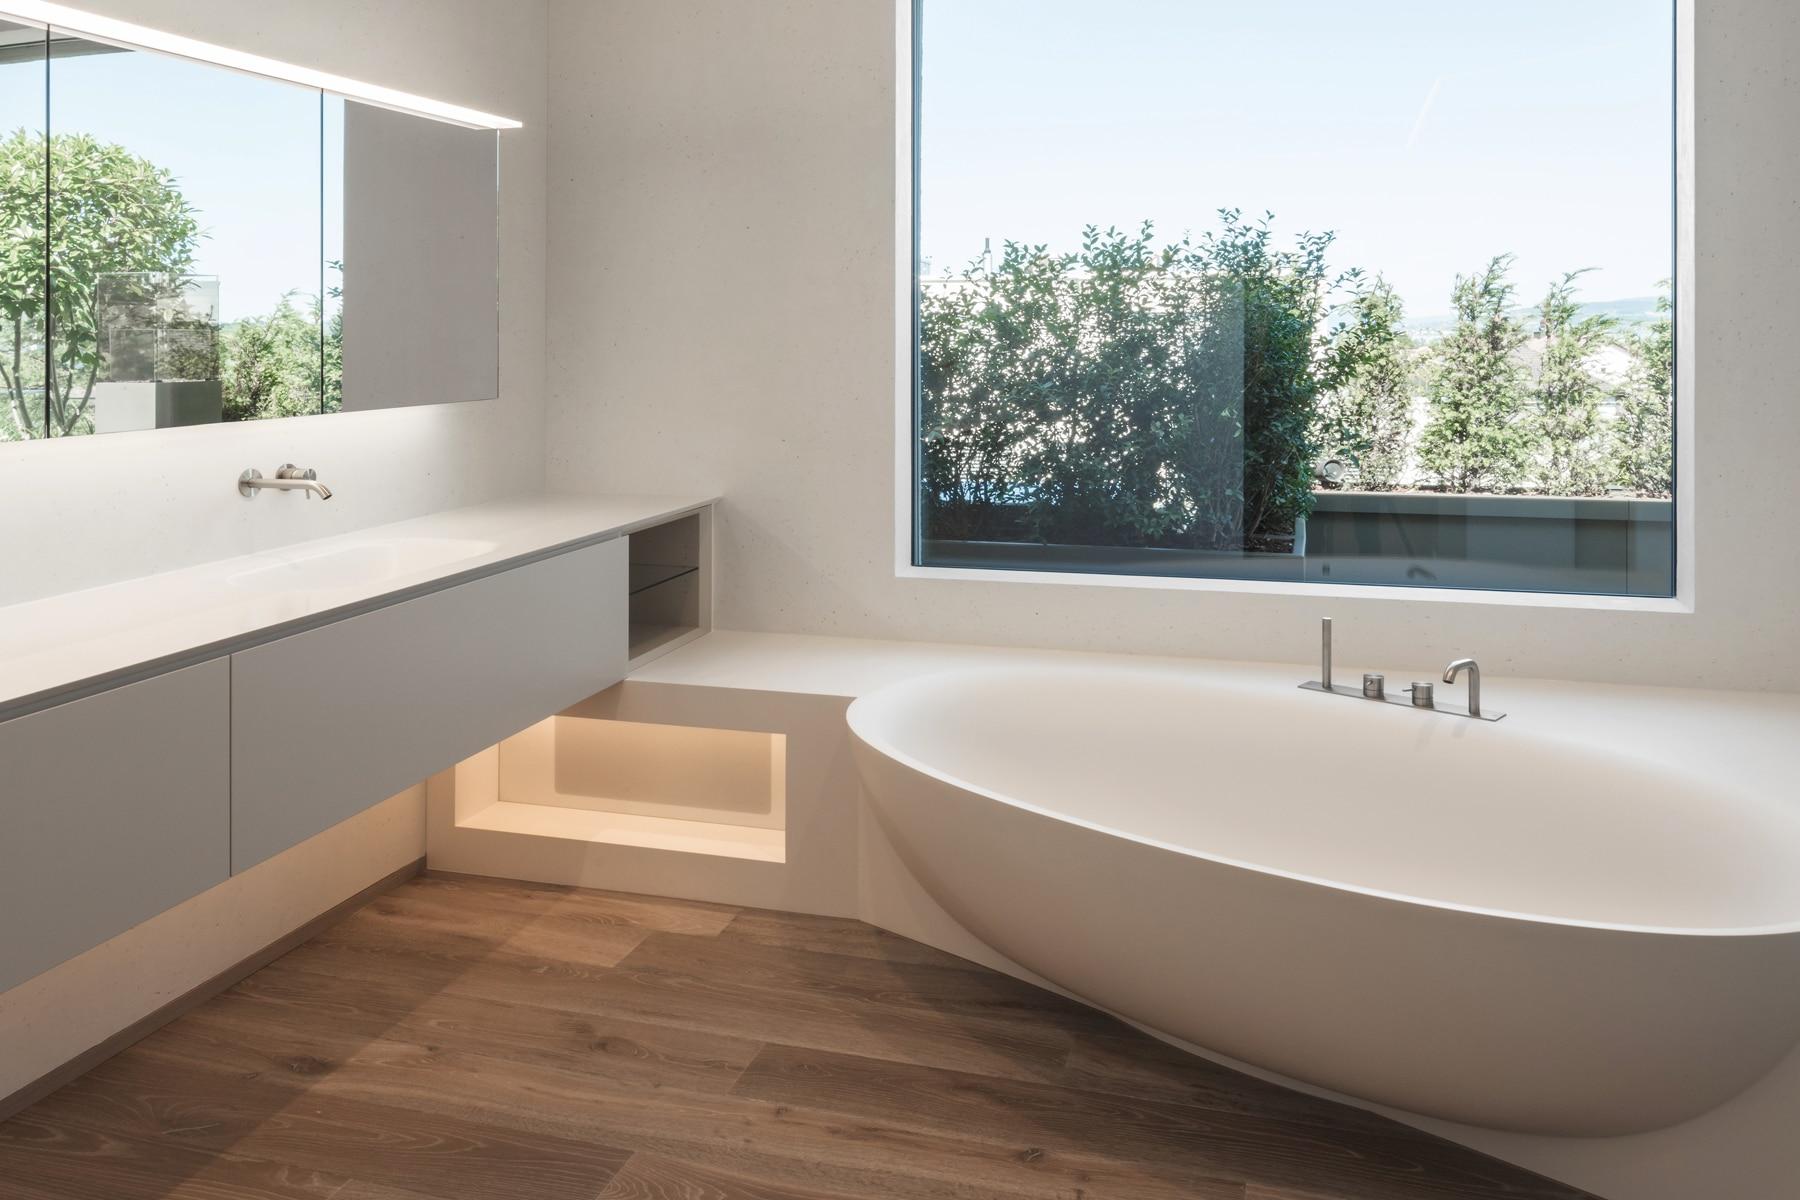 Cremefarbenes Stucco Veneziano Bad mit ovaler Badewanne und geöltem Holzboden